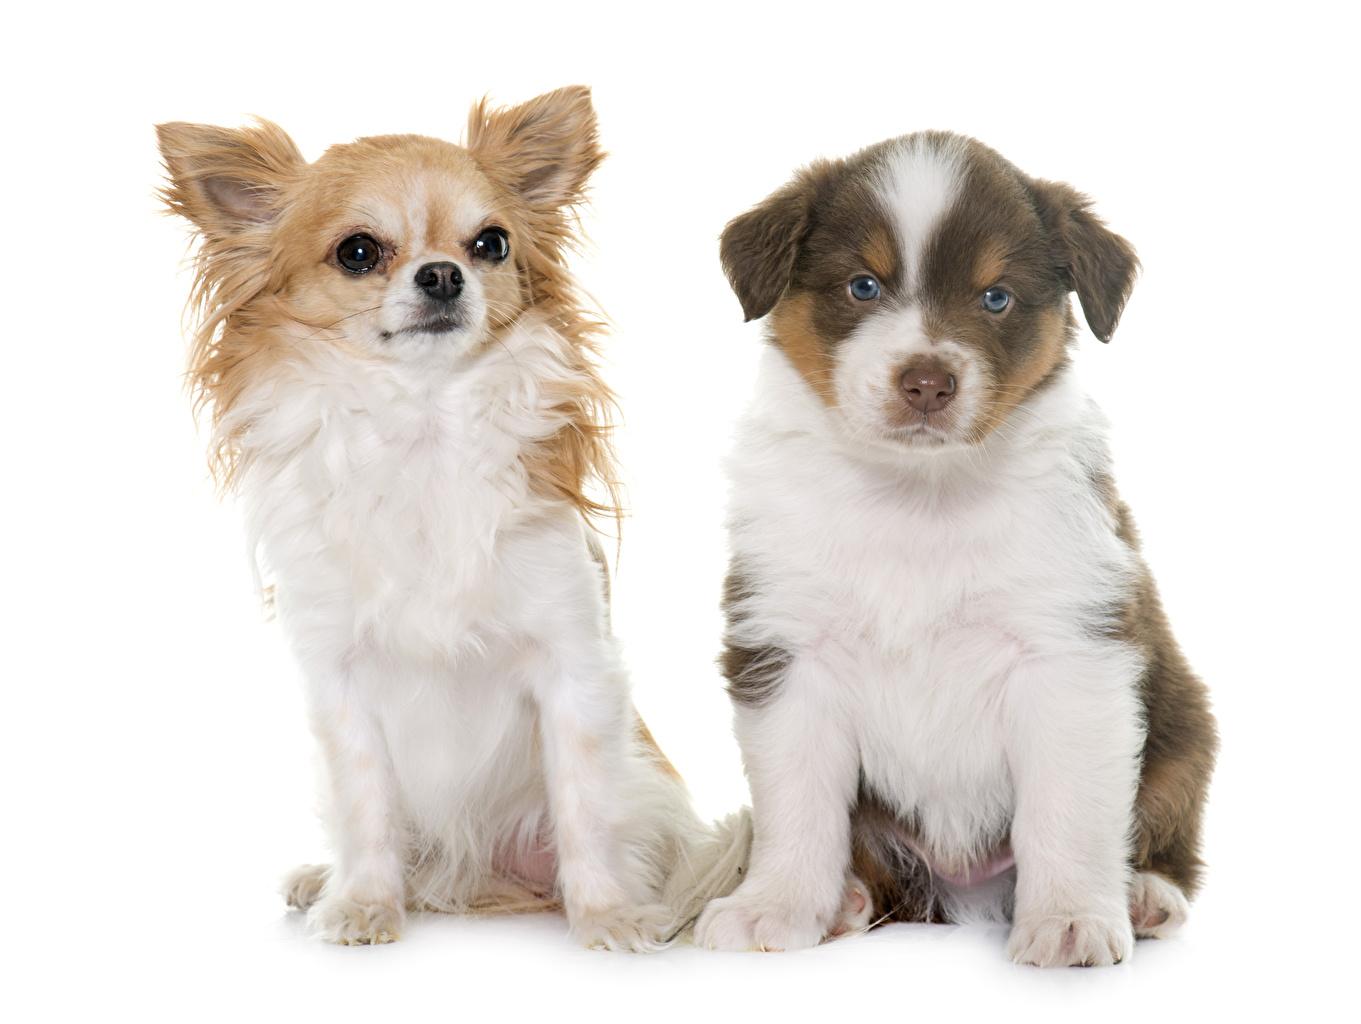 Фотография щенки Овчарка Чихуахуа Кошки Собаки два Животные белом фоне щенка Щенок щенков овчарки Коты 2 две Двое вдвоем животное Белый фон белым фоном